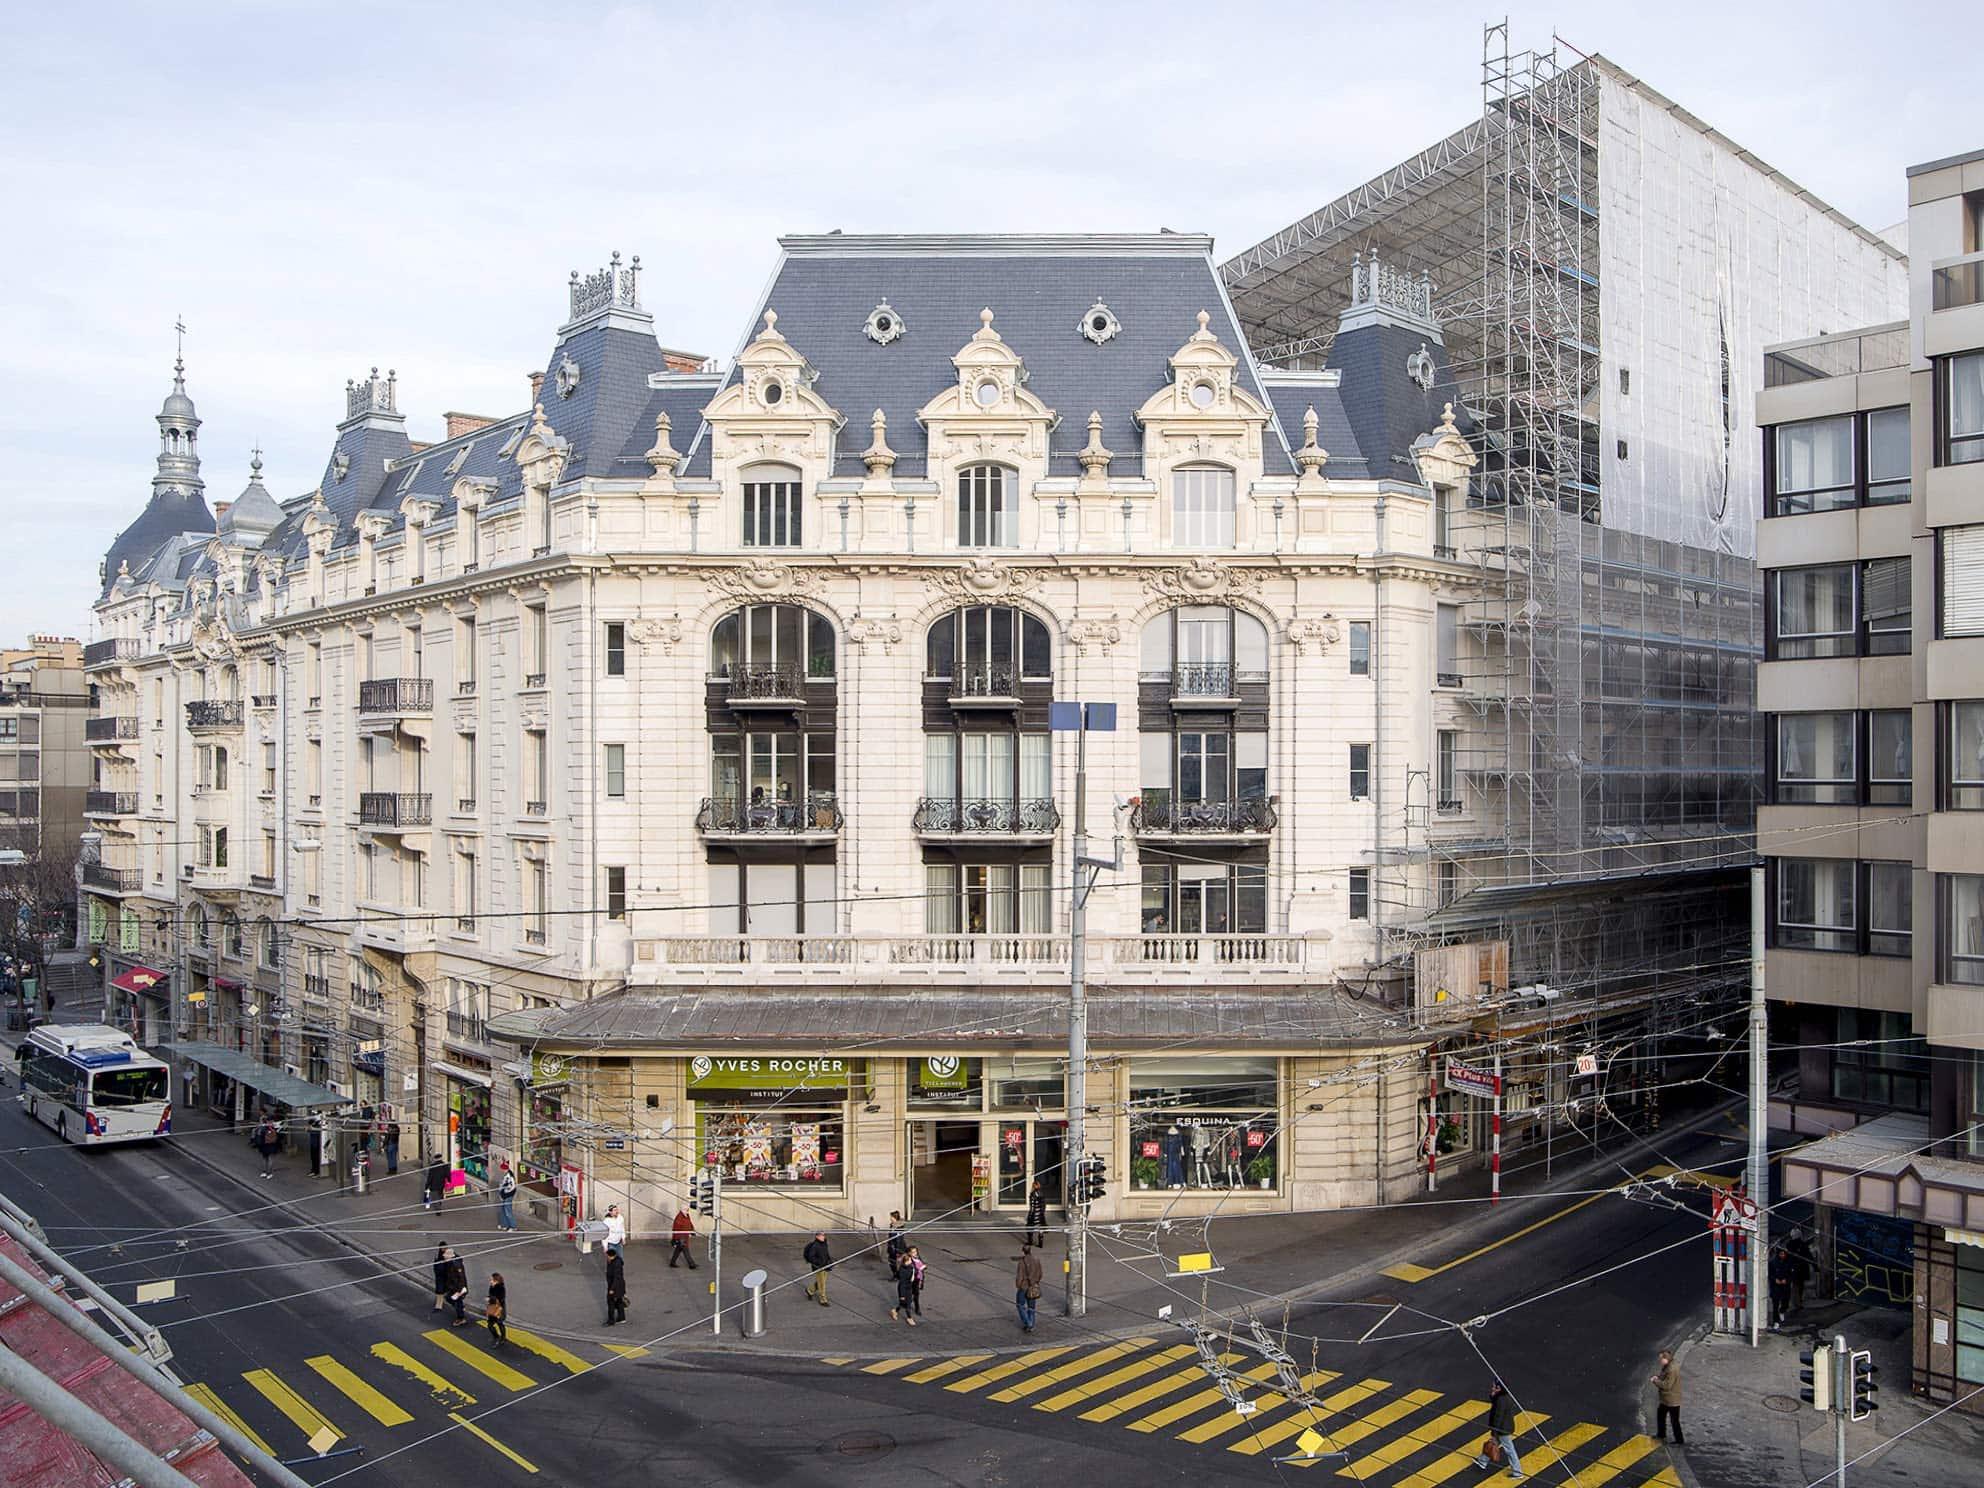 façade d'un bâtiment historique à Lausanne